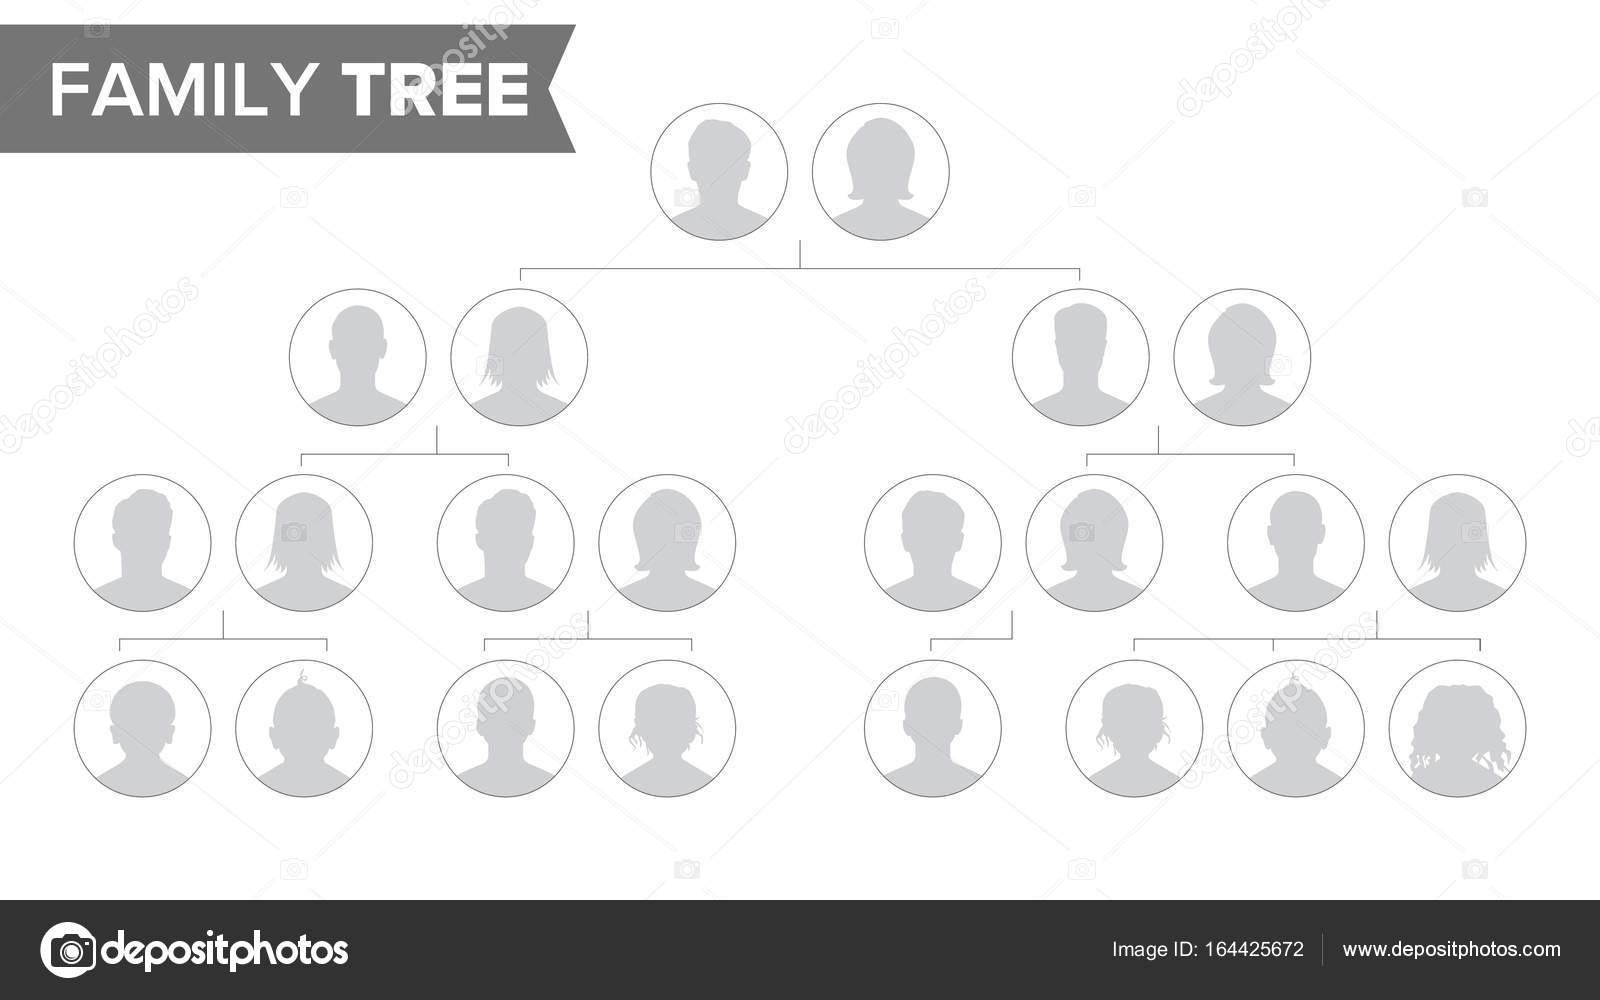 Stammbaum Vorlage Vector. Geschichte der Familie Baum mit Standard ...